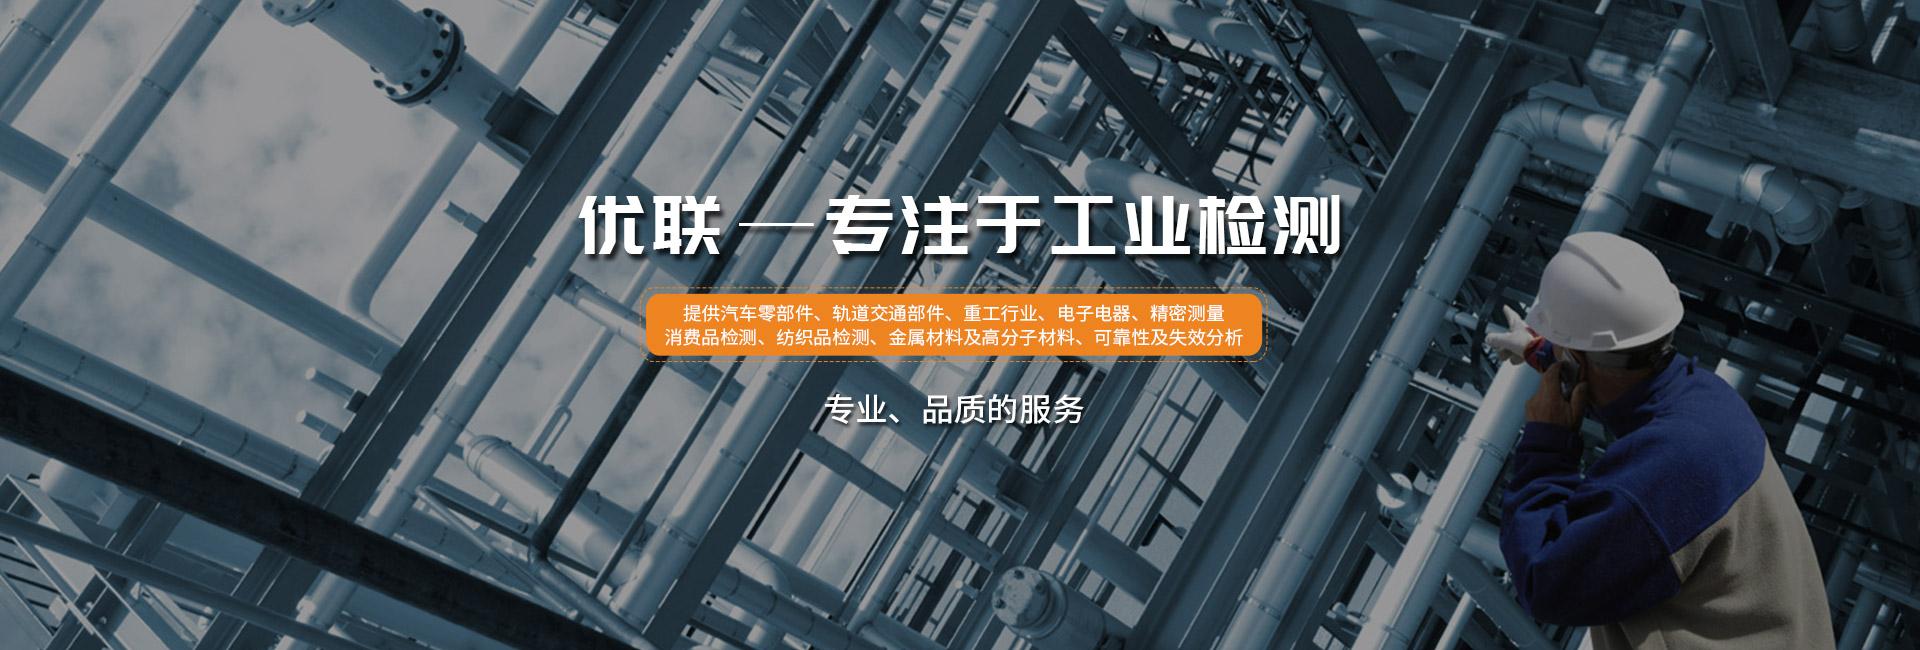 江苏省优联检测技术服务有限公司